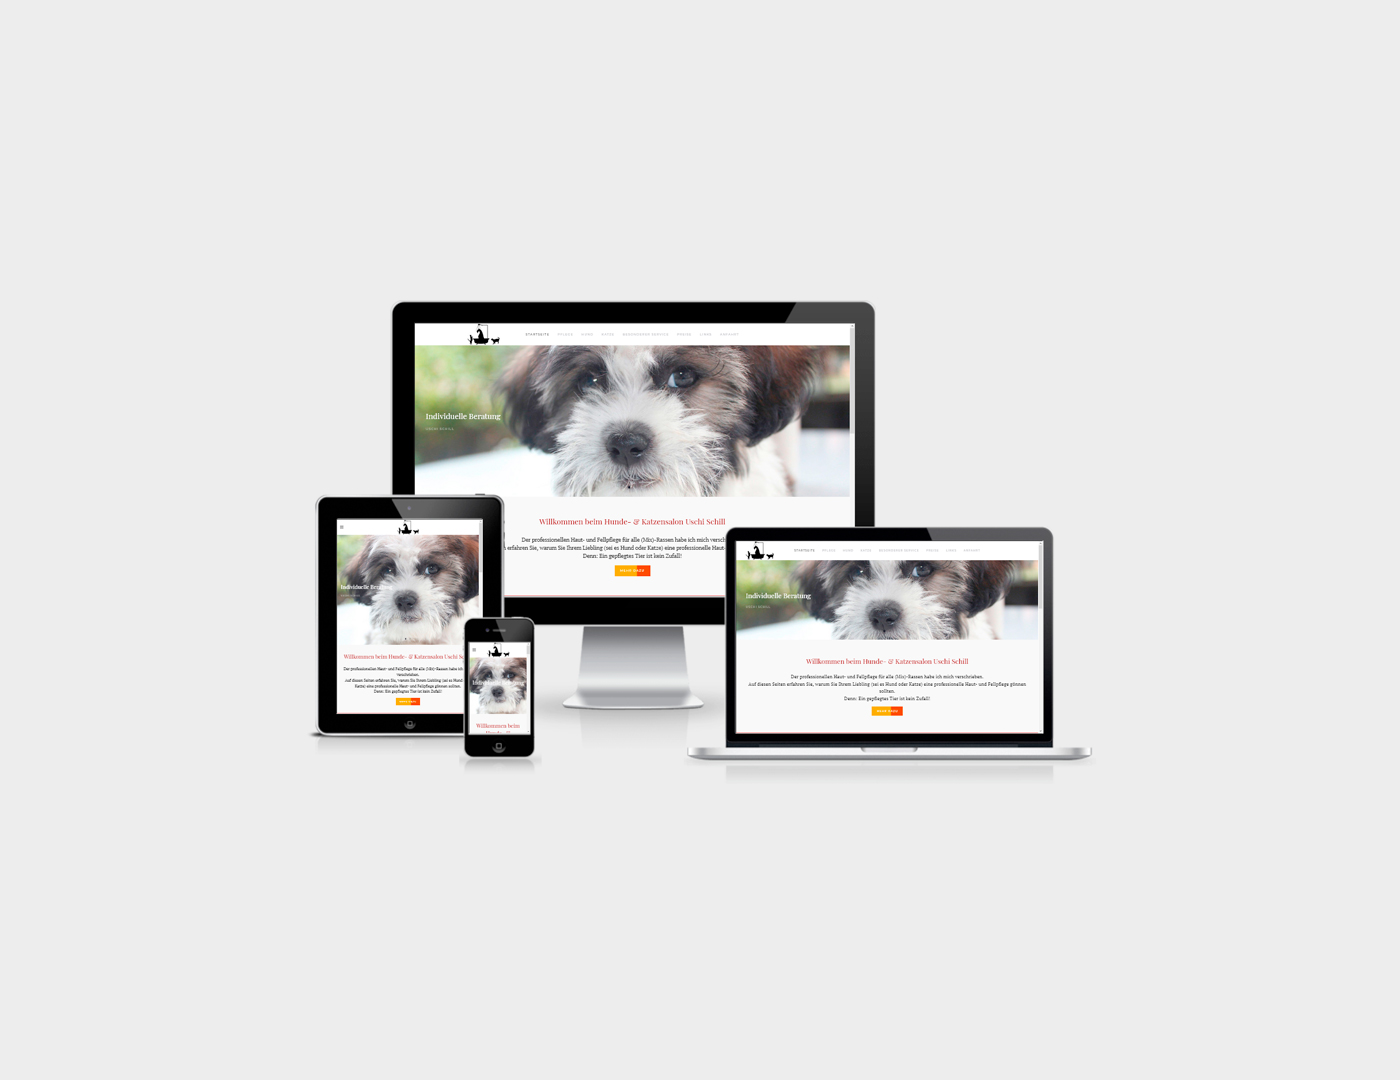 Webdesign Eifel erstellte Webseite fuer Eifel-Hundesalon in Belgien in der Eifel an der belgischen-deutschen Grenze